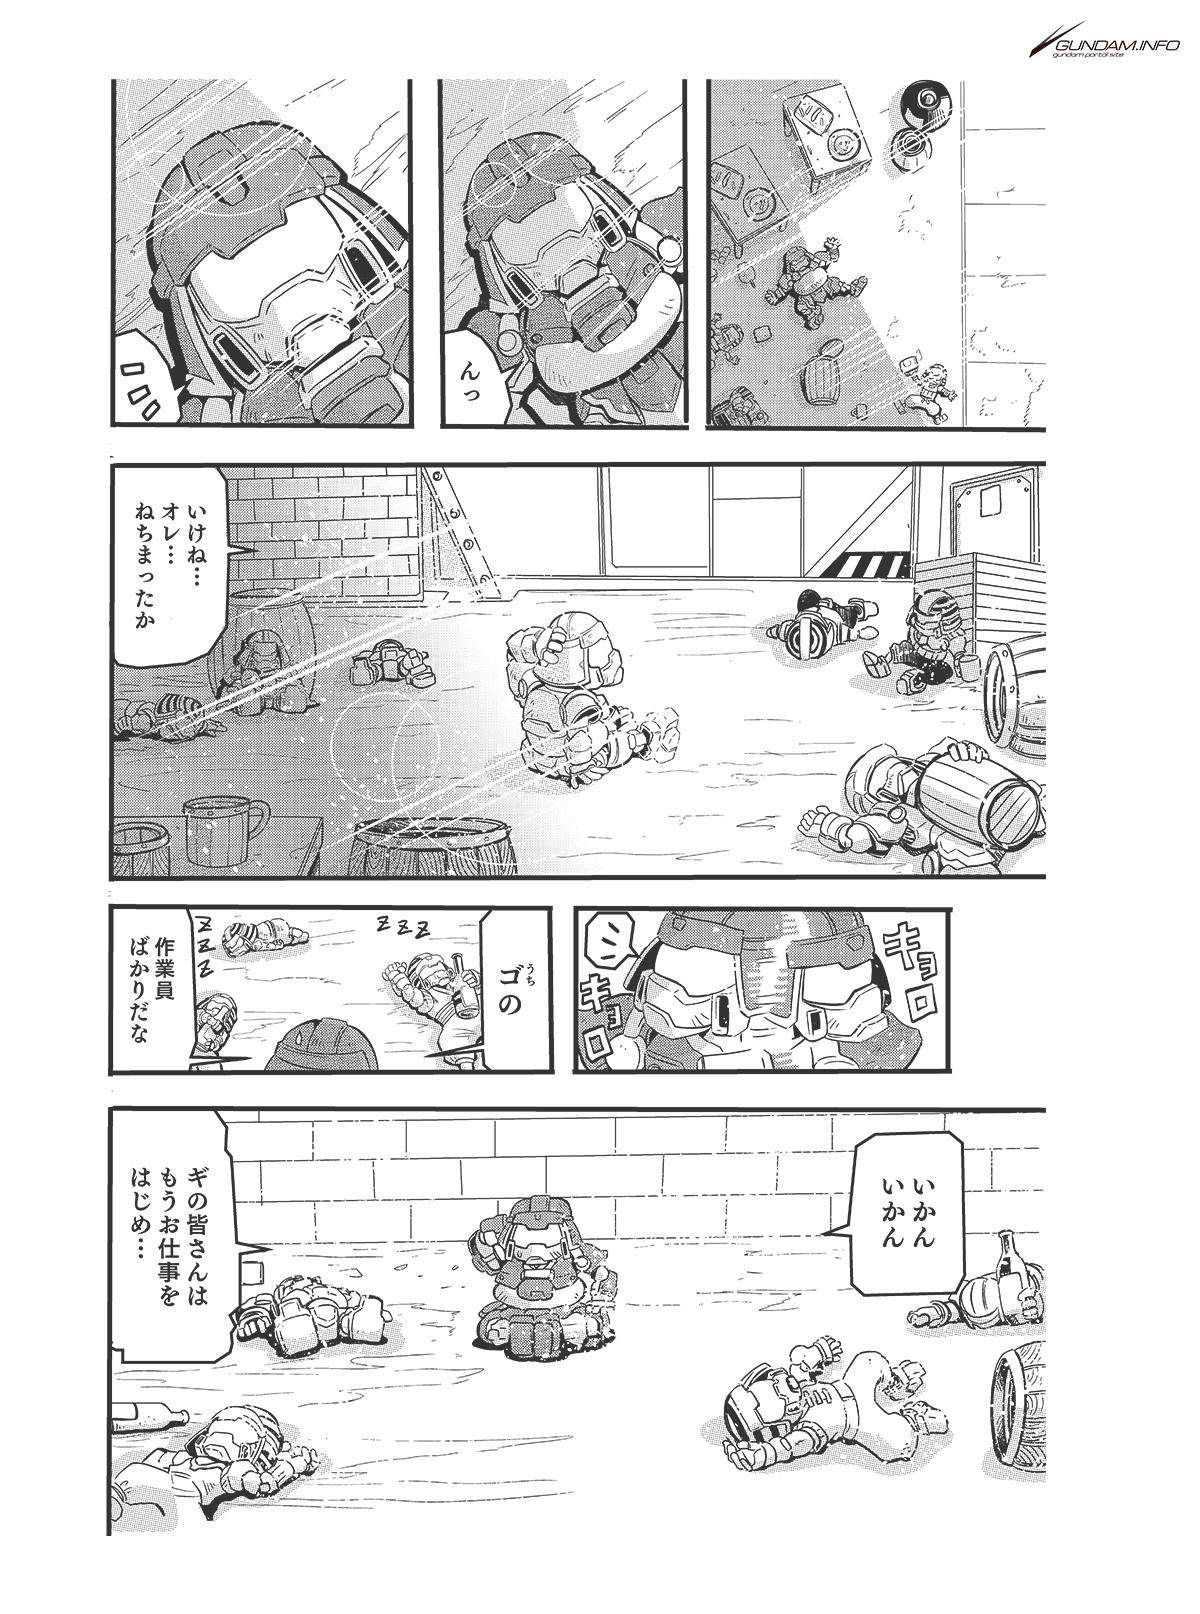 SDガンダムワールド 三国創傑伝 焔虎譚 第8話 P6